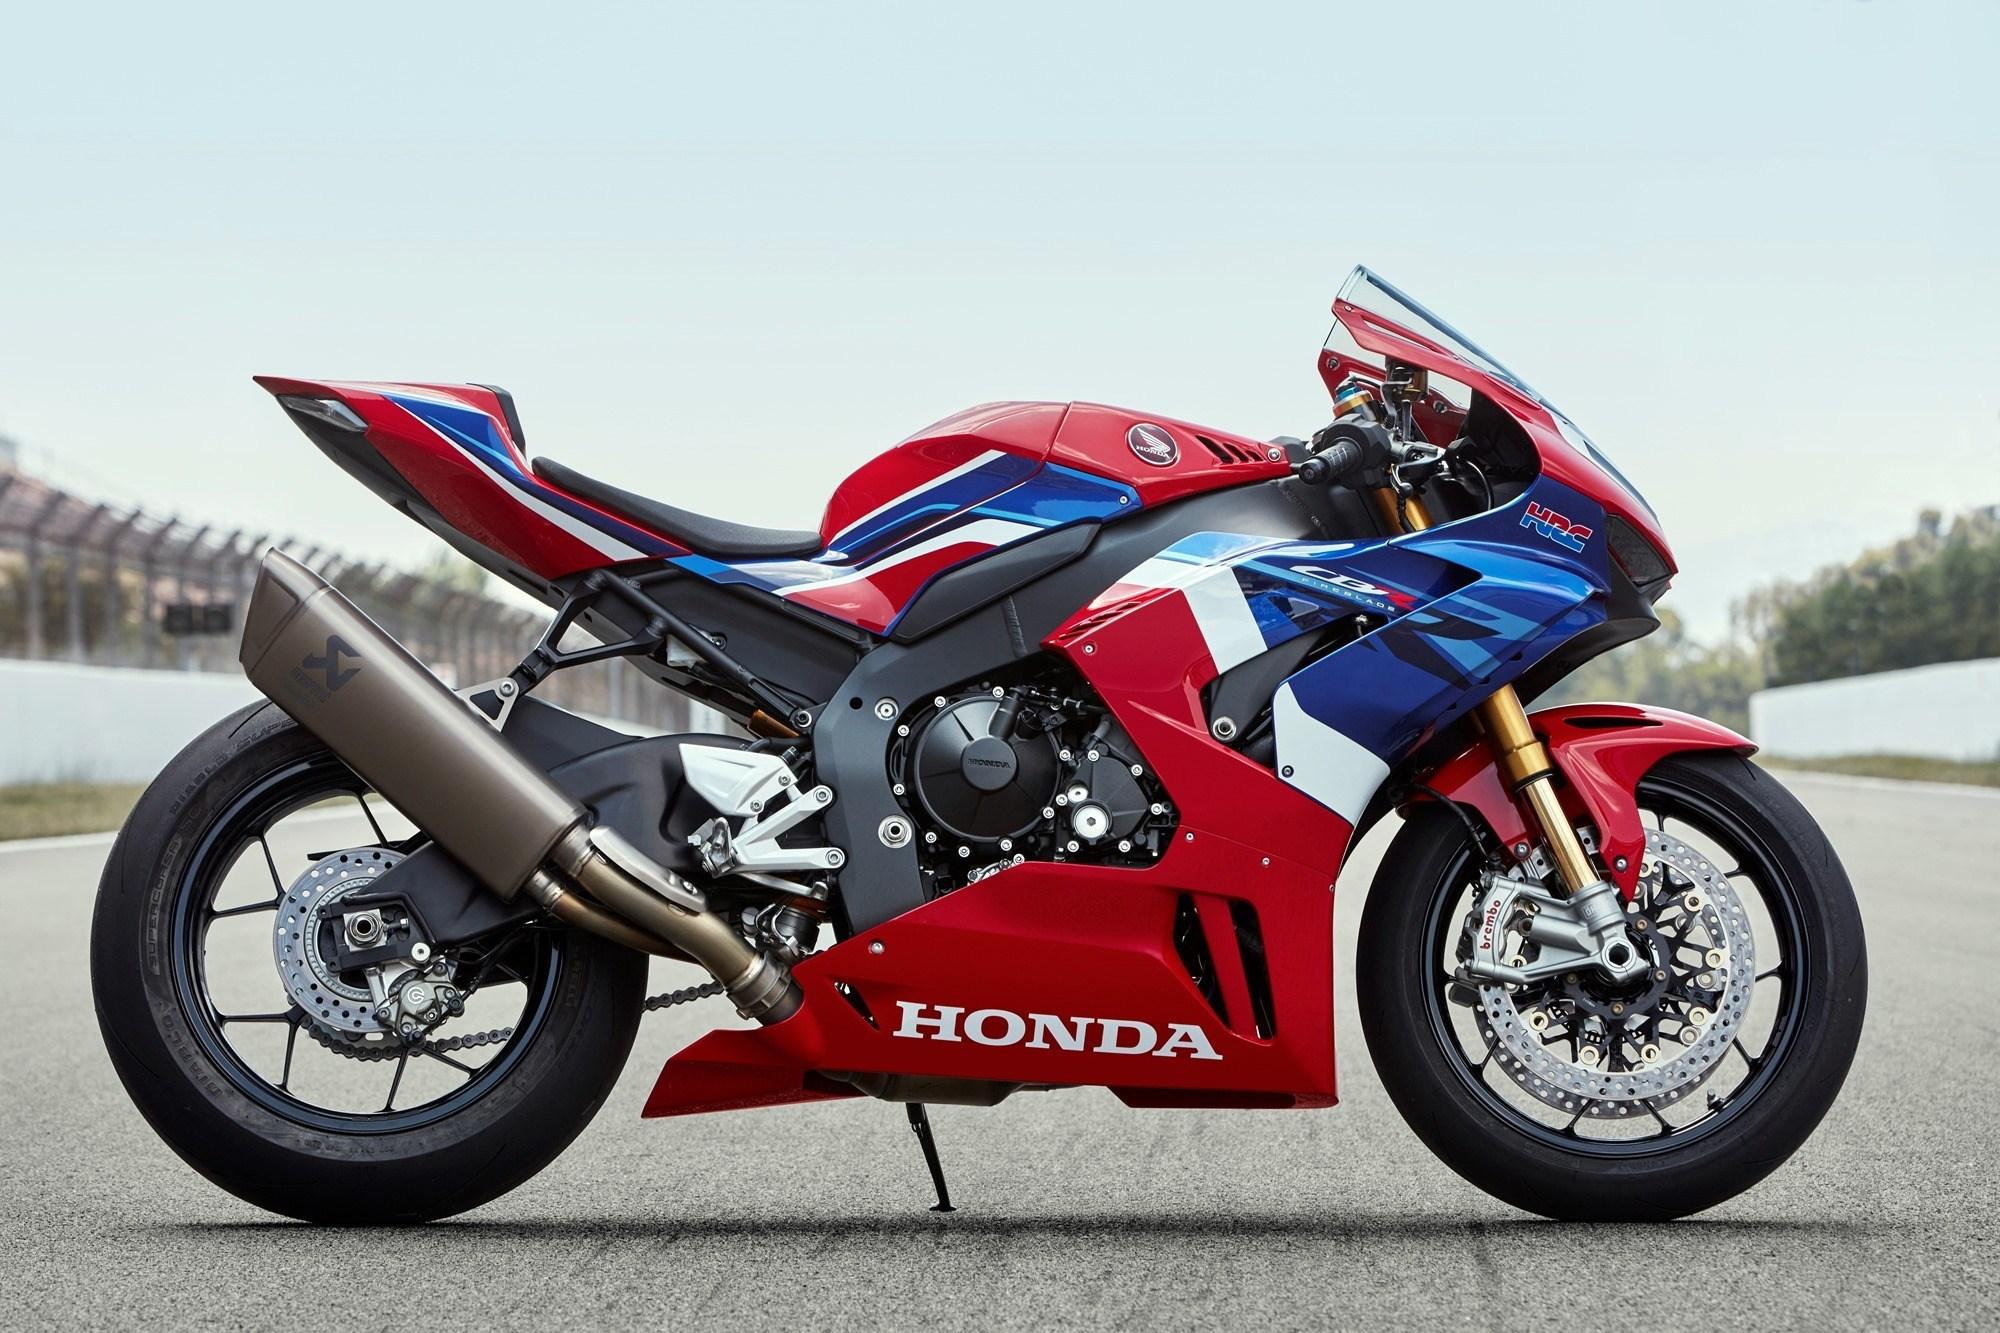 2020 Honda CBR1000RR R SP Fireblade high res images IAMABIKER 2000x1333